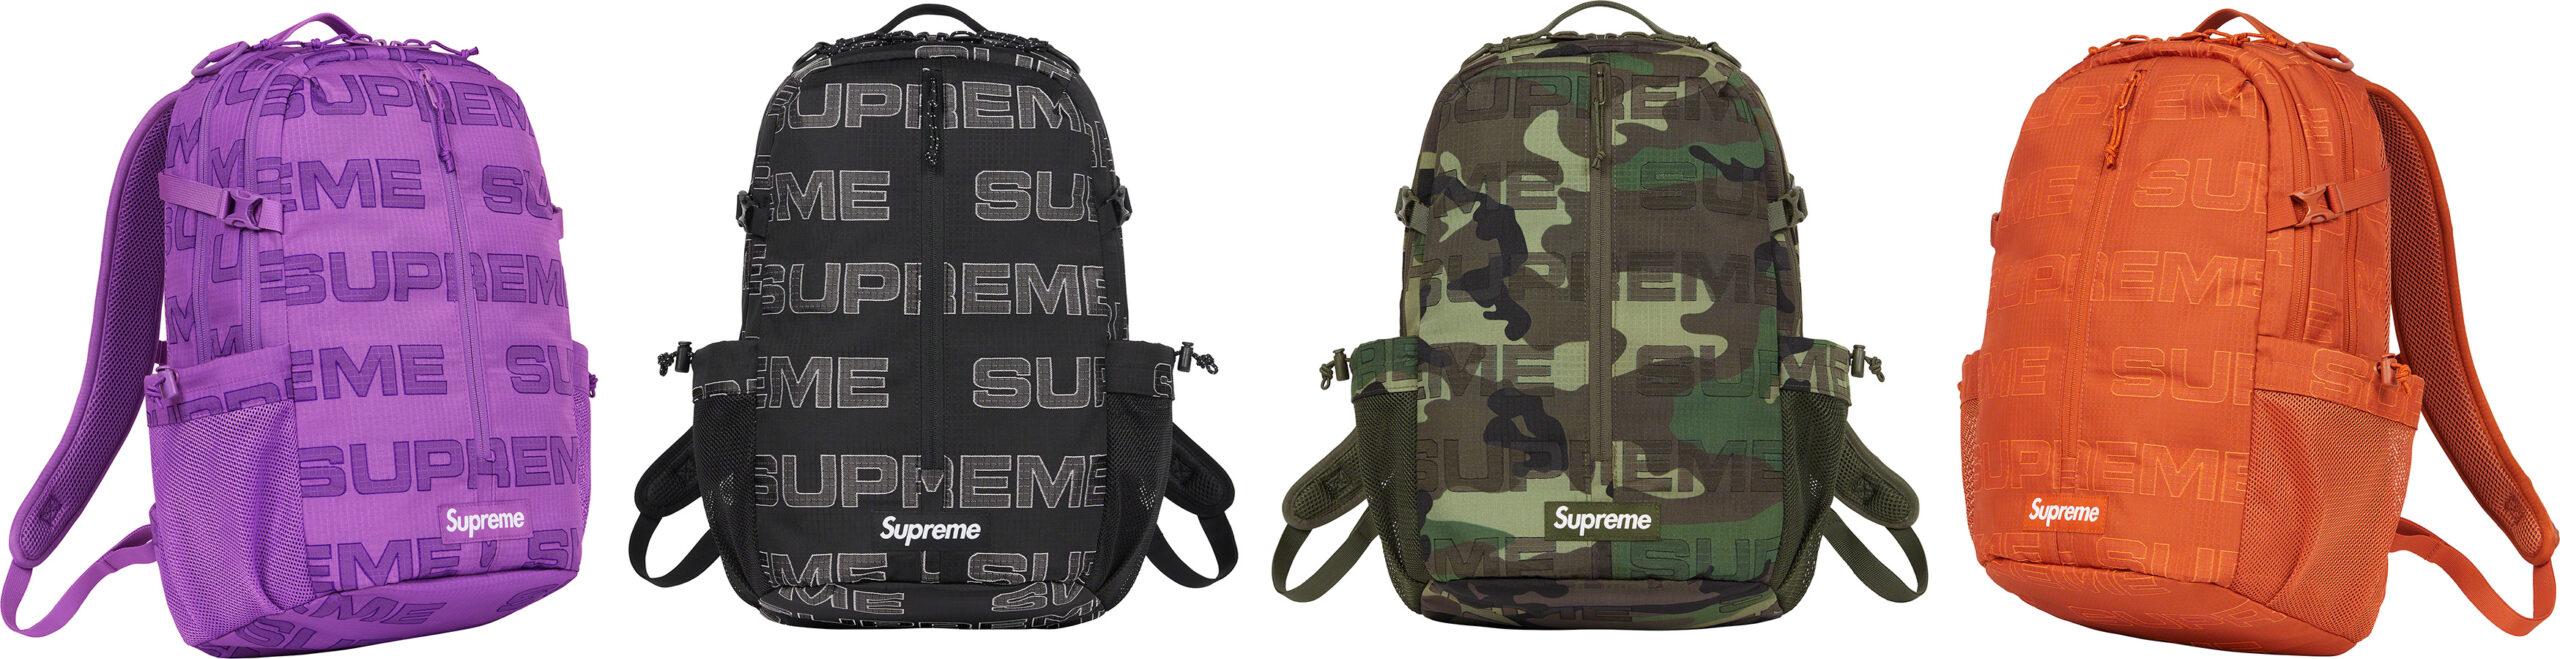 【バッグ/BAGS まとめ】 シュプリーム (SUPREME) 2021 FALL/WINTER コレクション (2021年 秋冬)